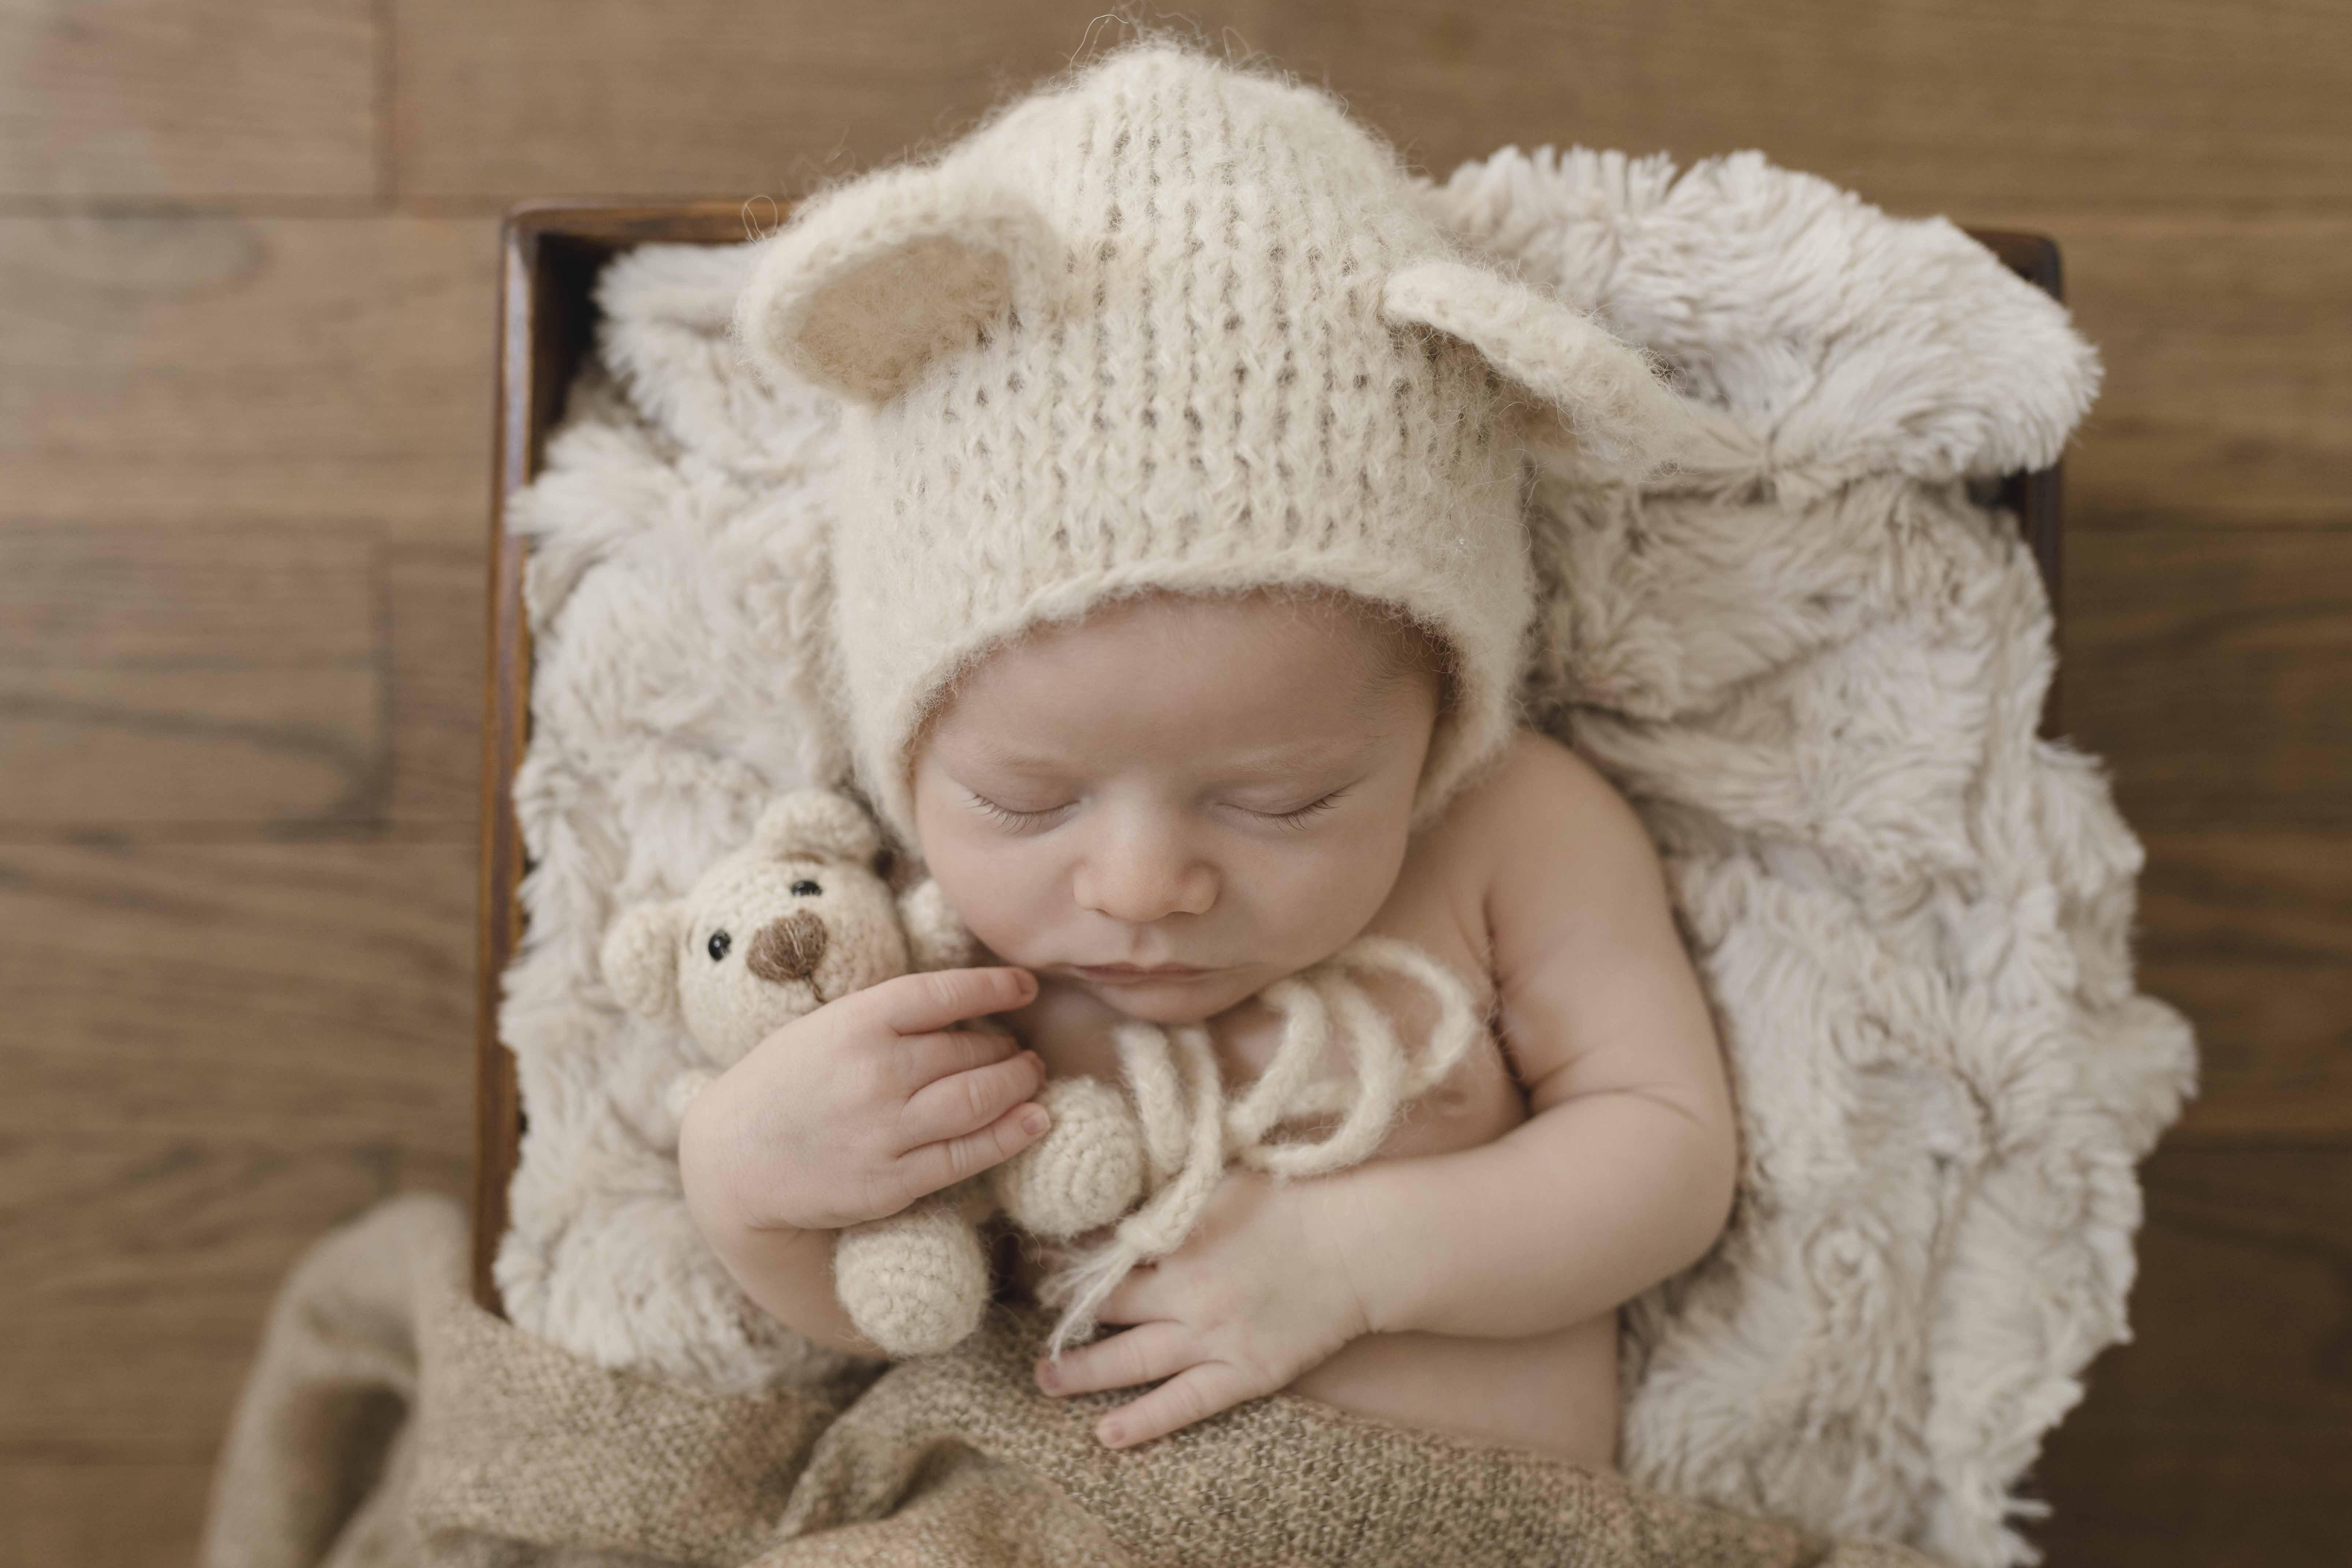 Babyfotograf Hamburg - kleiner Junge kuschelt mit seinem Teddy